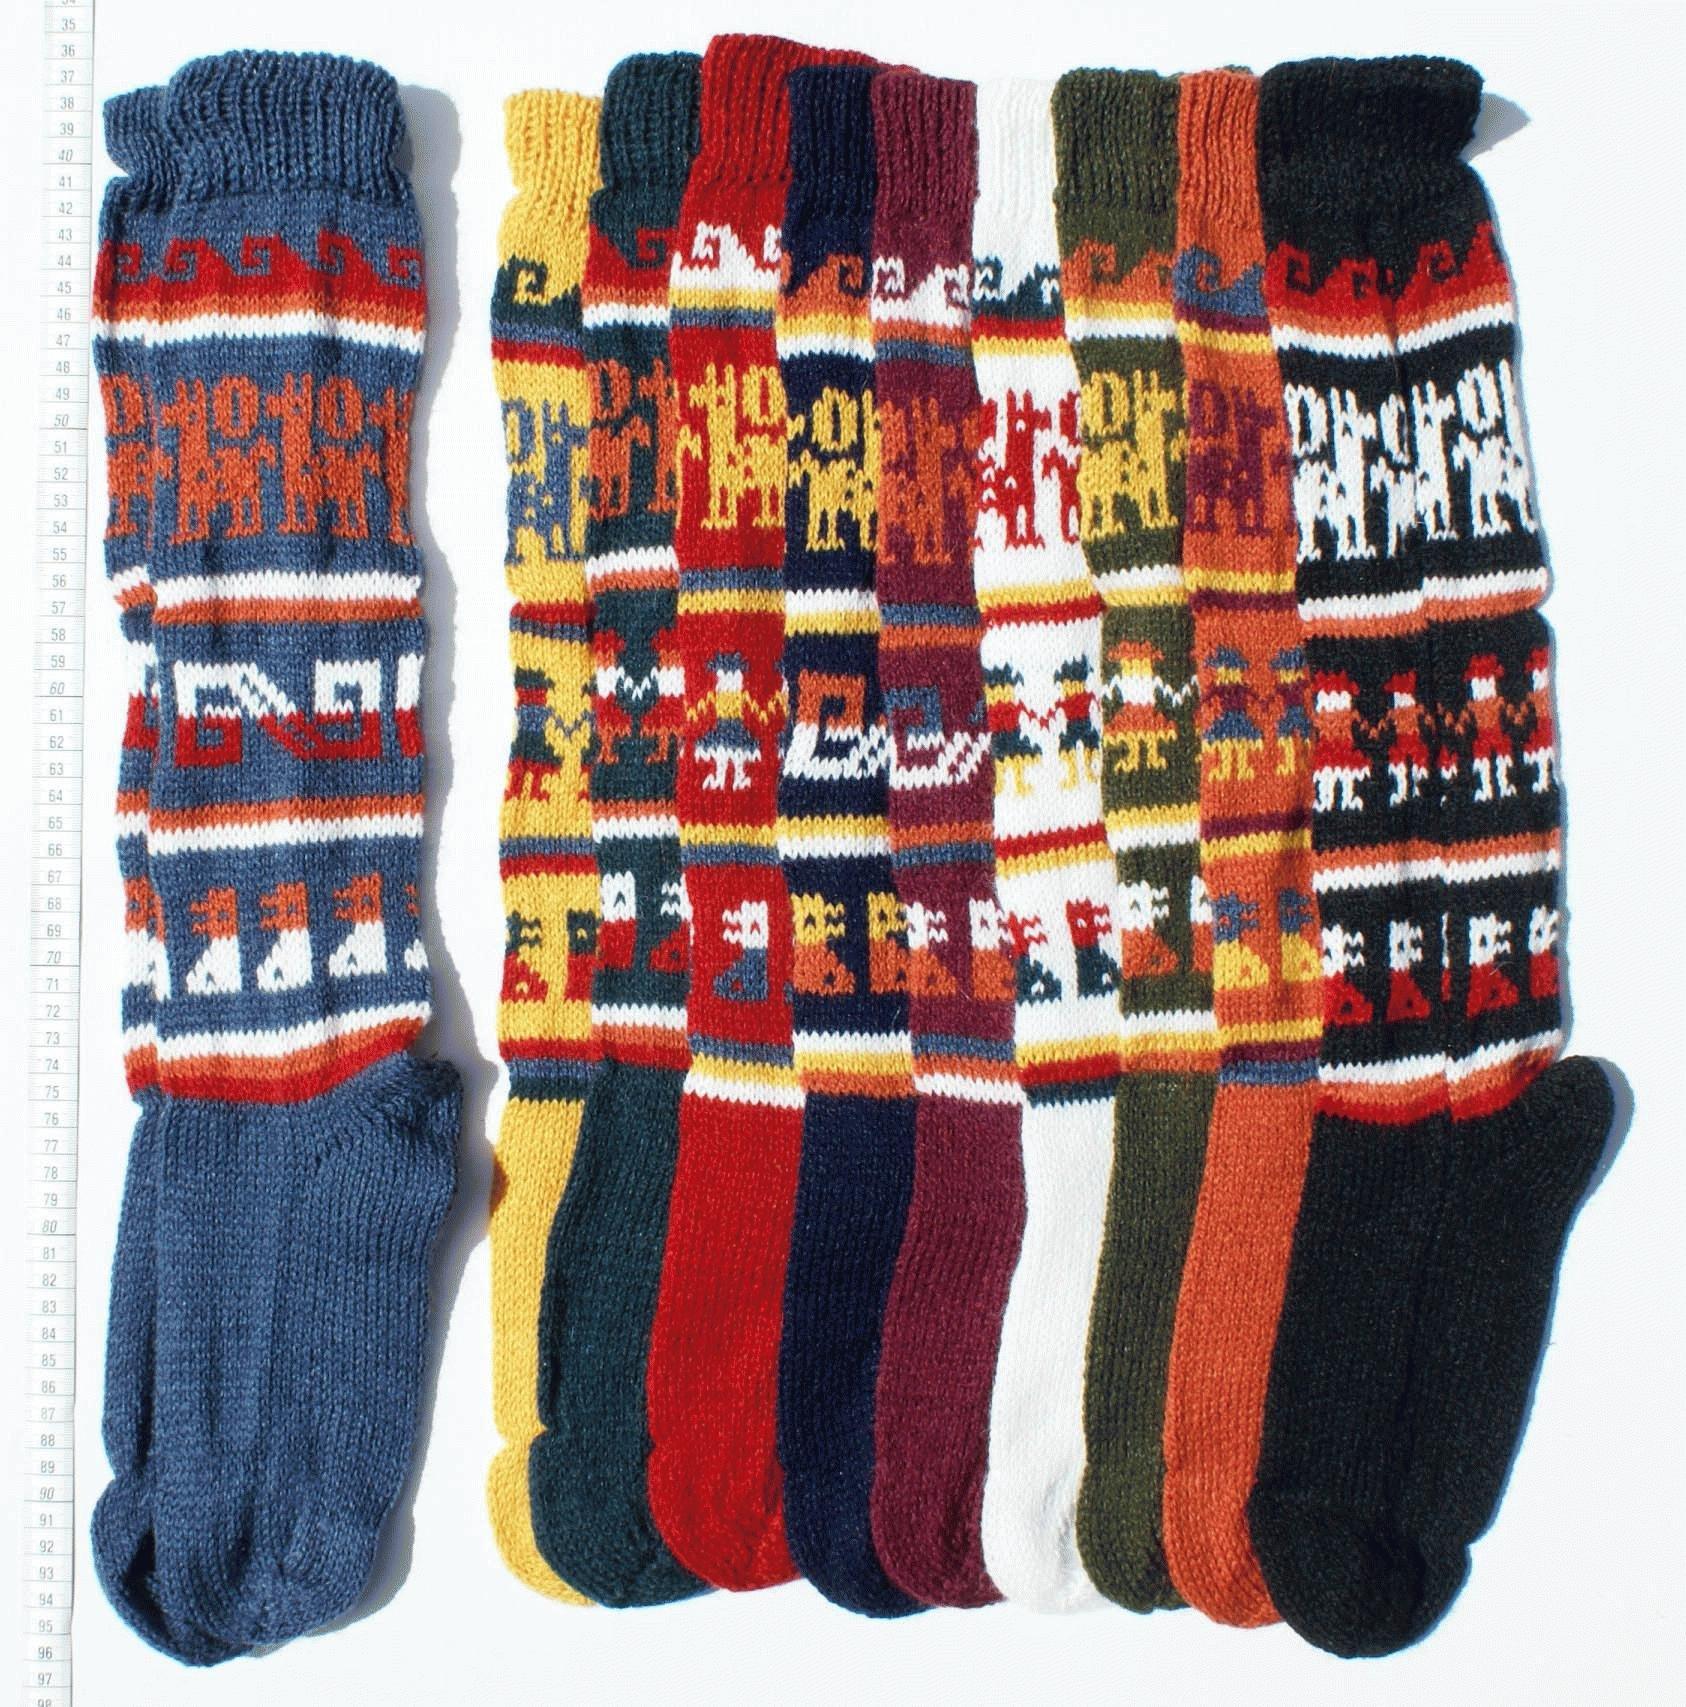 Πολύ 3 αλπακά νήματα από μαλλί χρωματιστές κάλτσες cd372f8f619